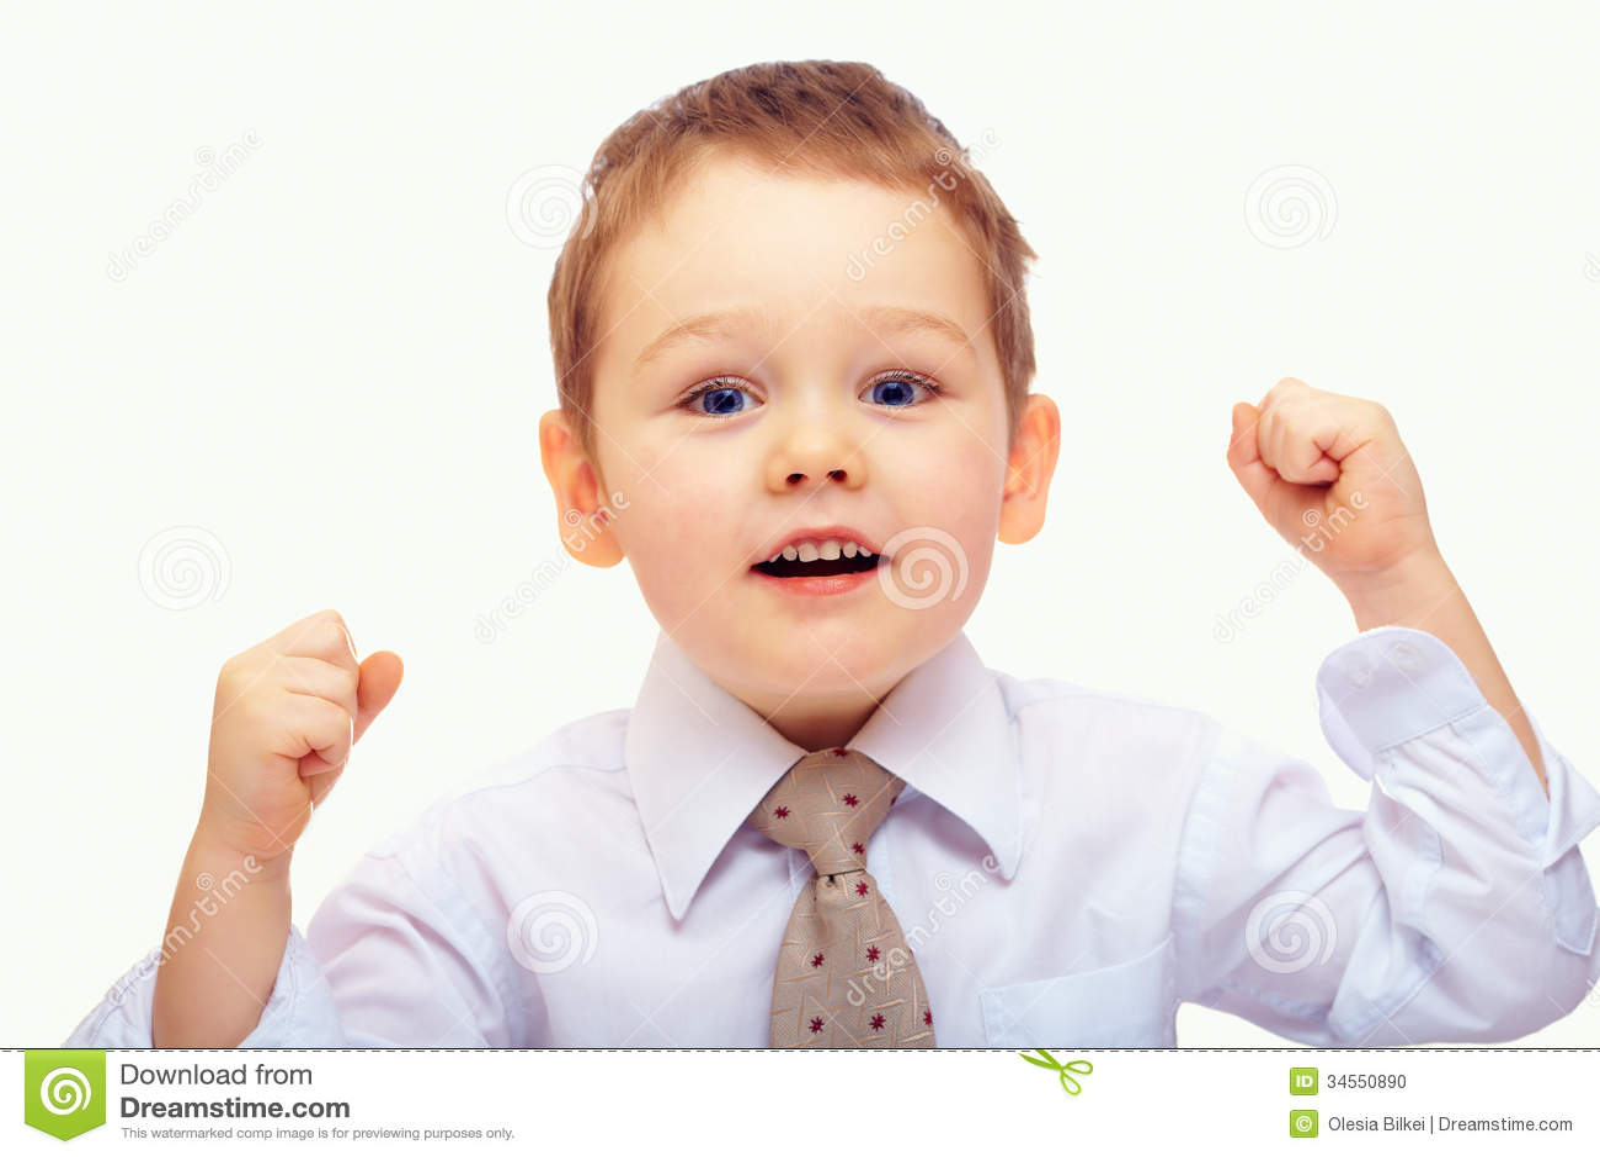 Babyjongen die voltooiing en succes uitdrukken